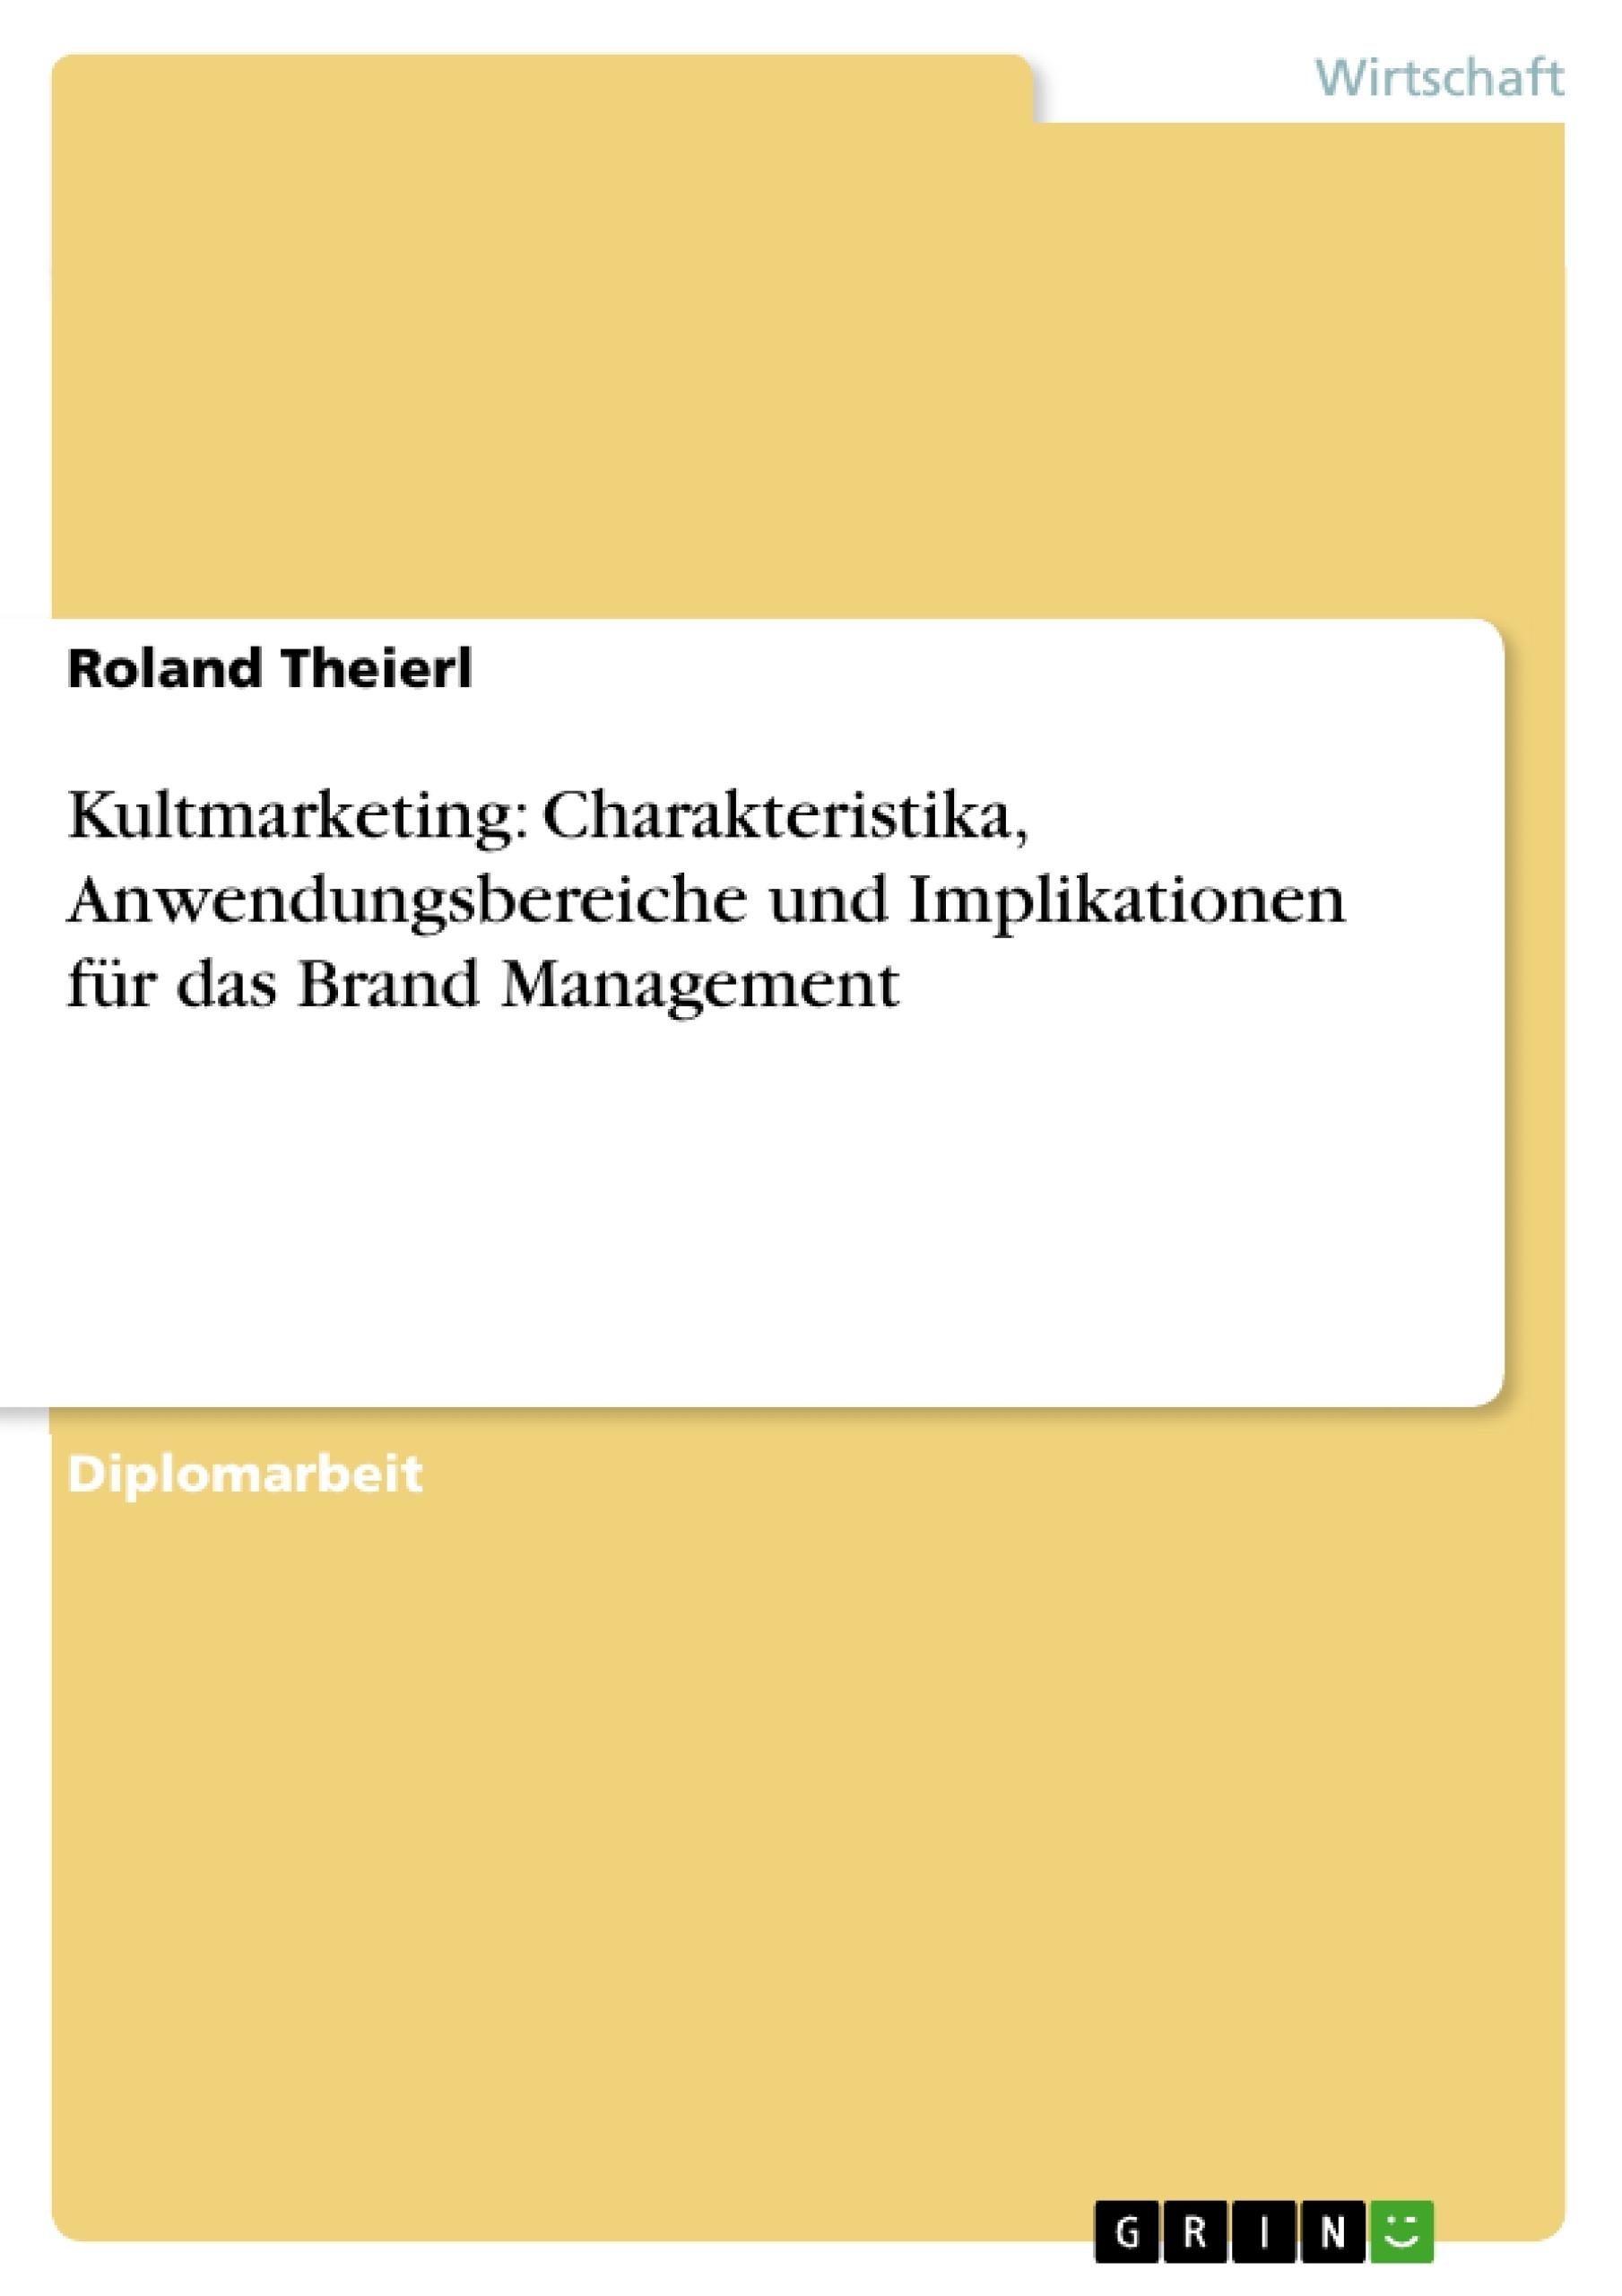 Titel: Kultmarketing: Charakteristika, Anwendungsbereiche und Implikationen für das Brand Management